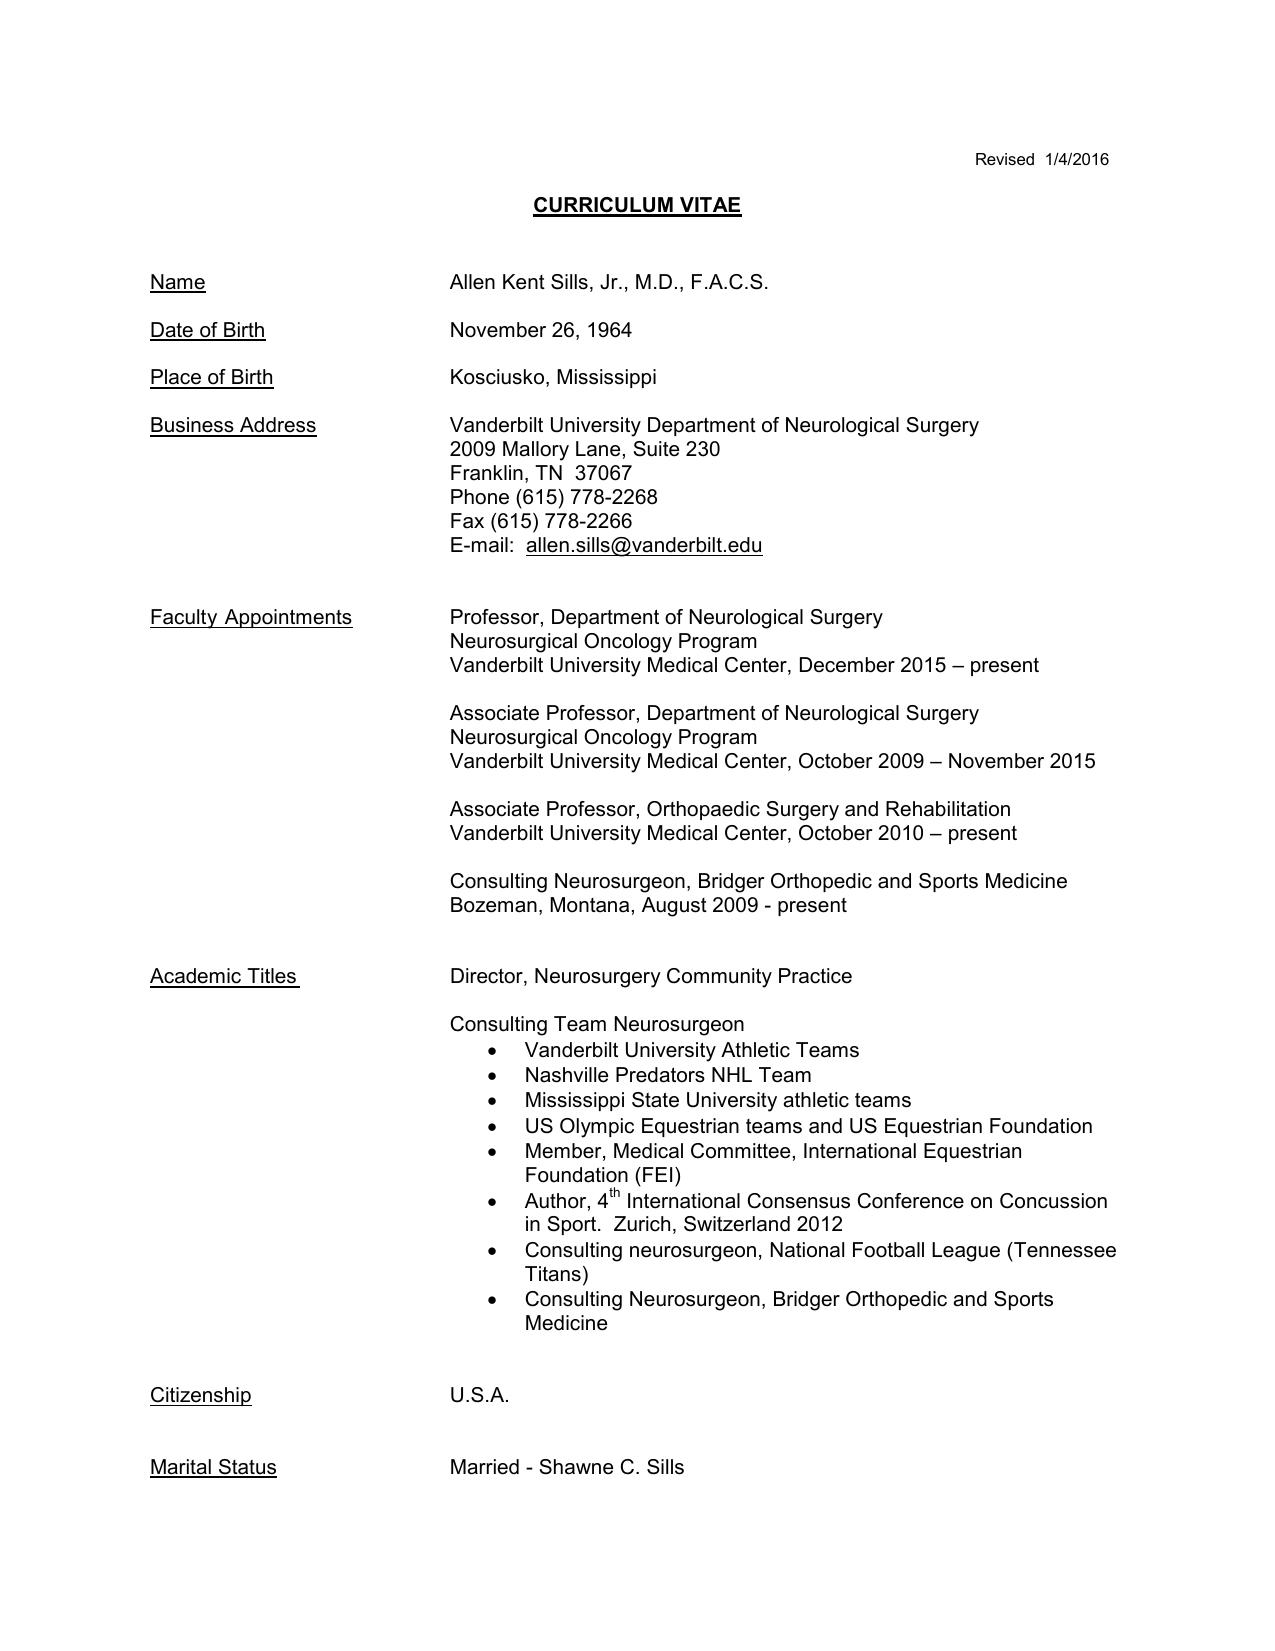 Document 13509806